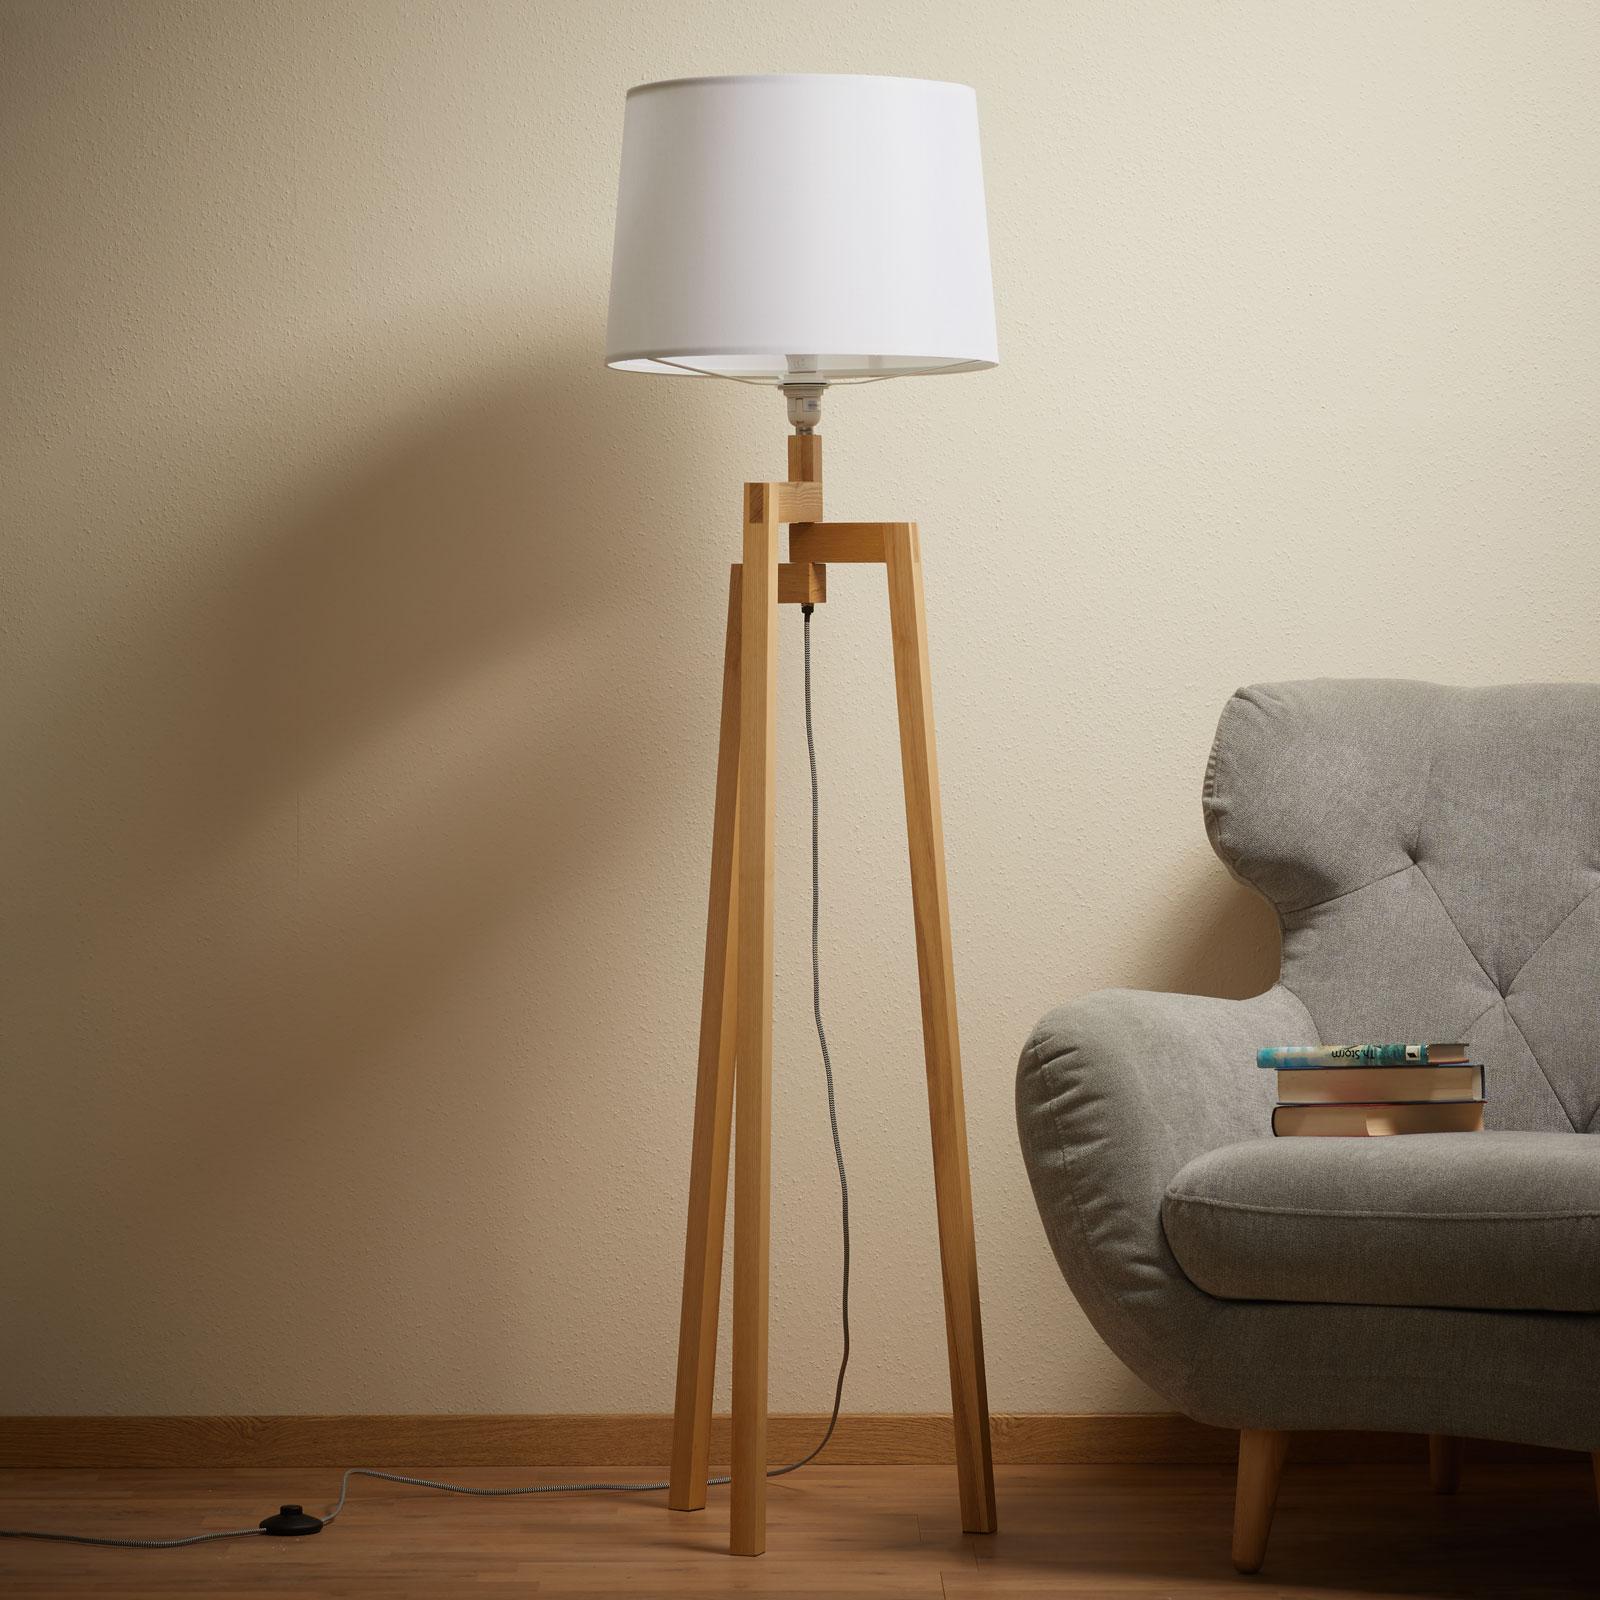 Driepotige vloerlamp Montana met textiel lampenkap